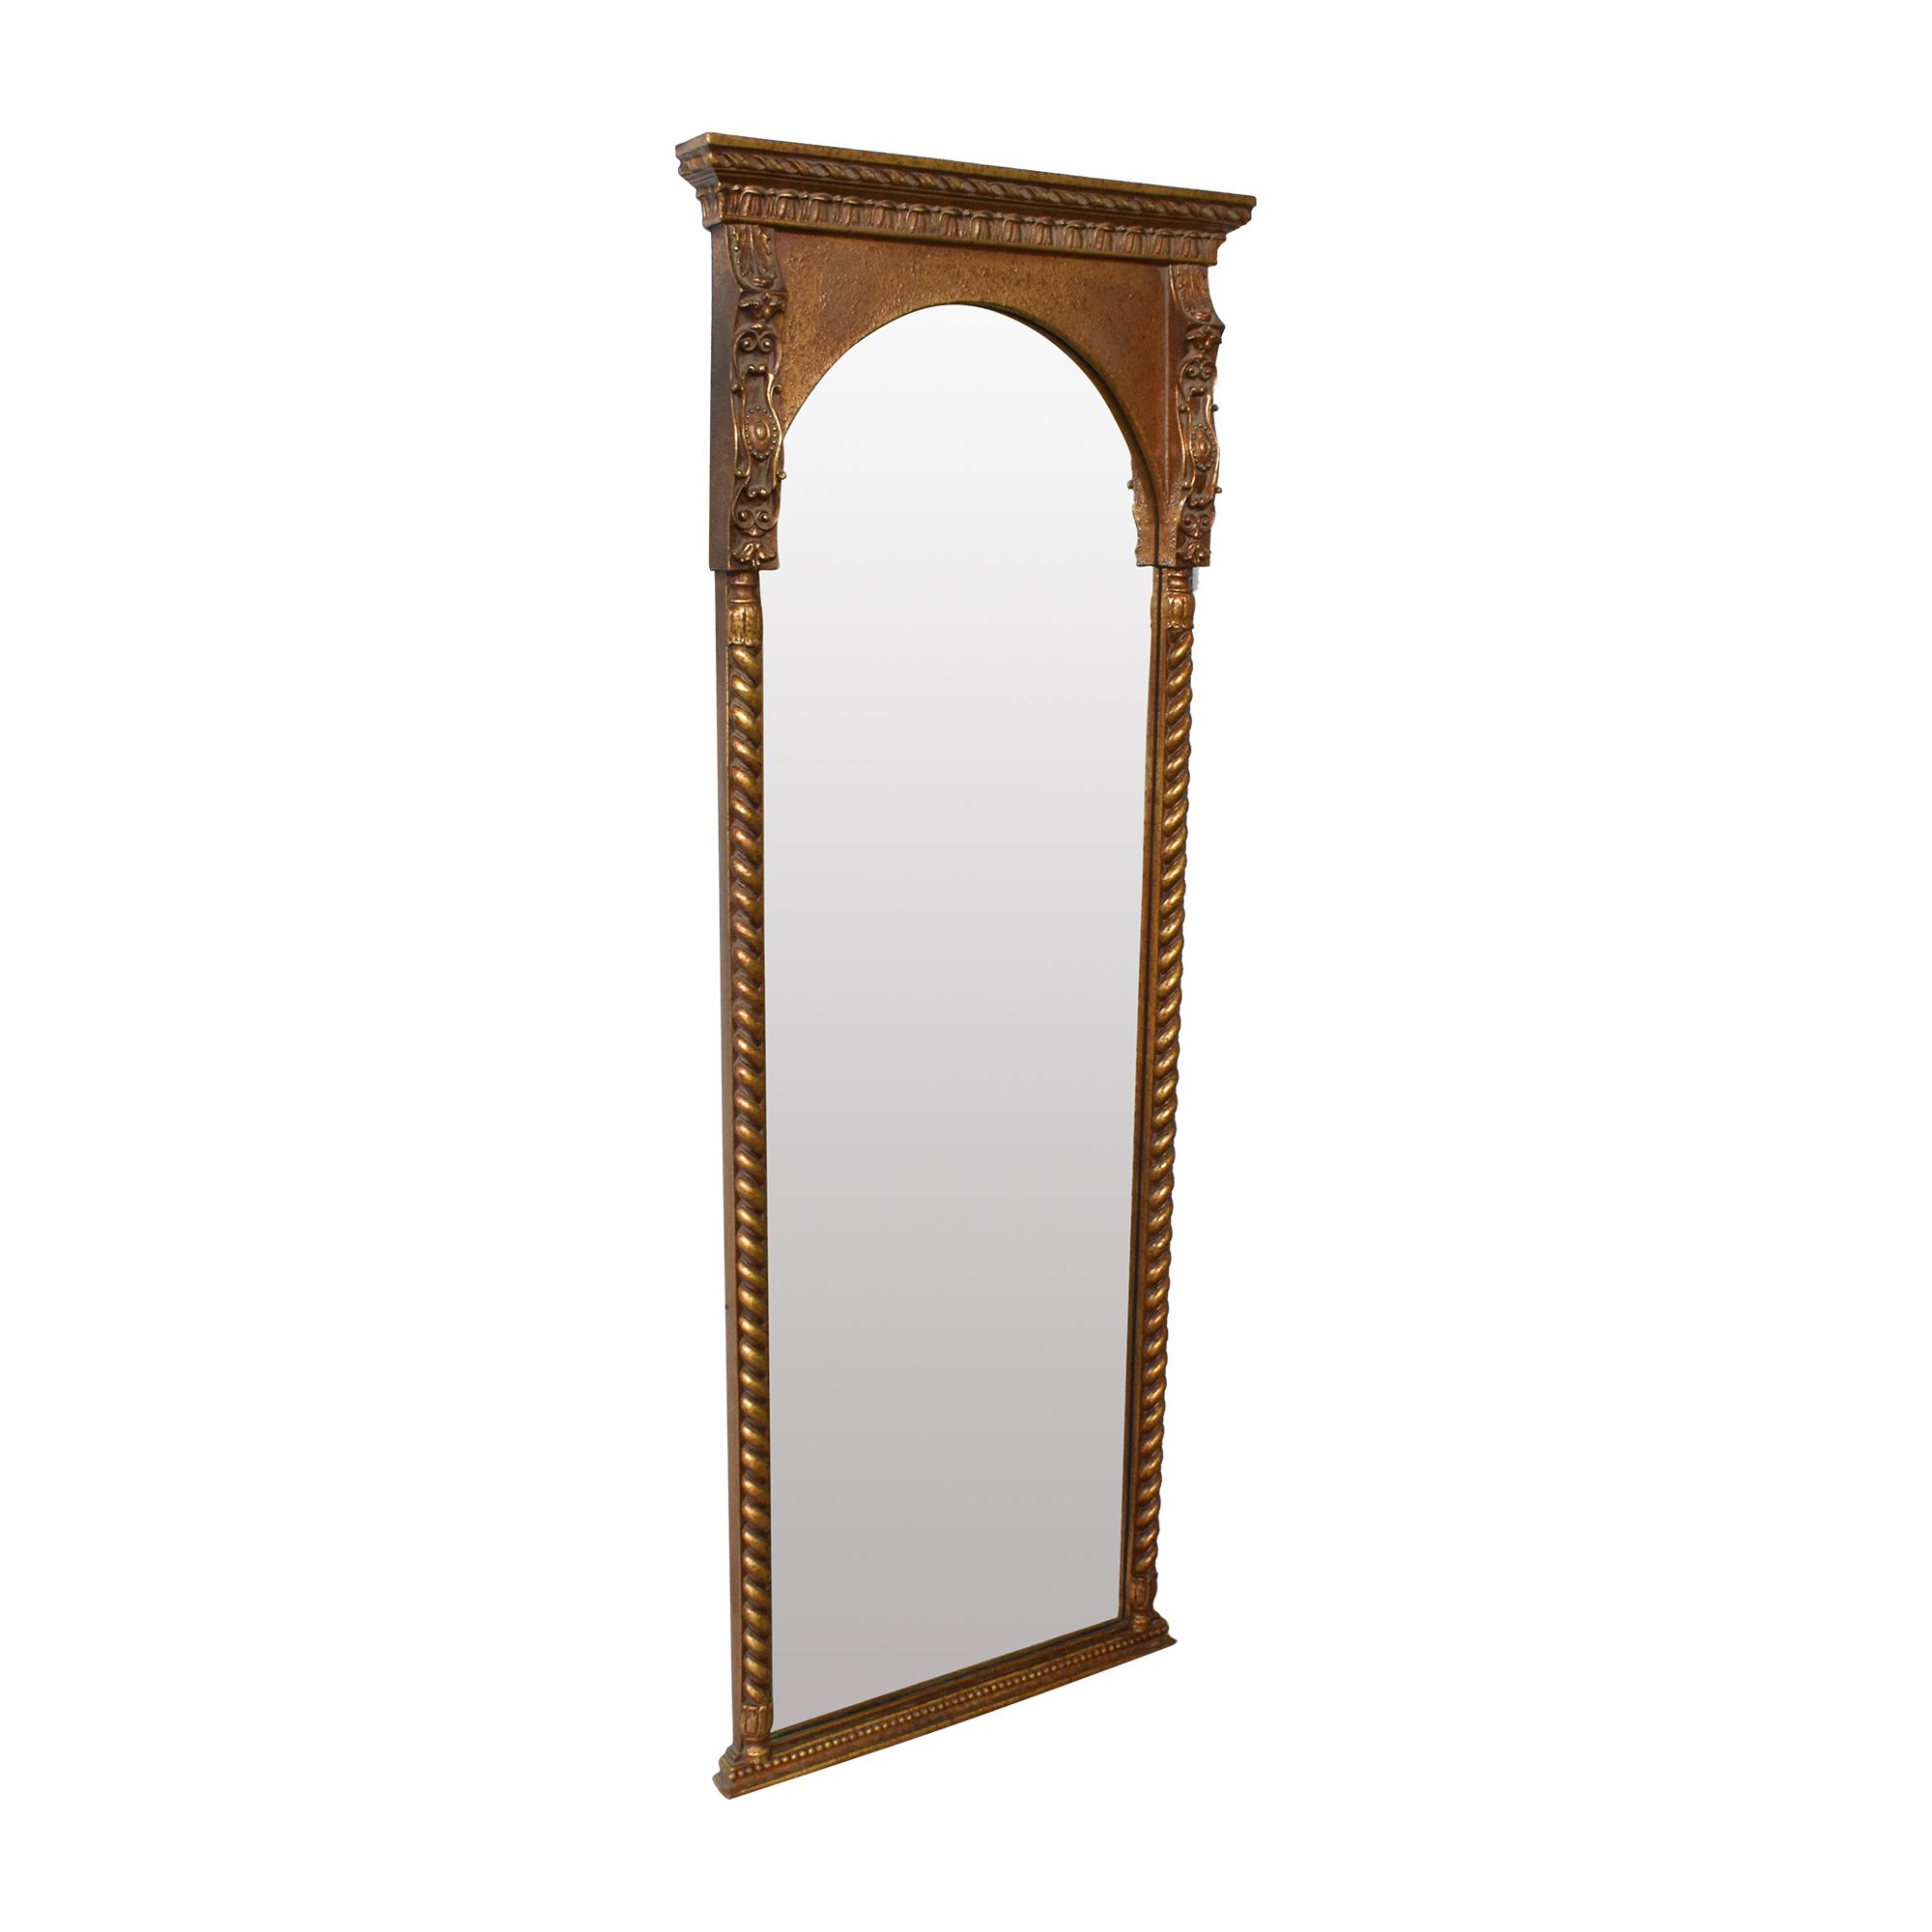 22 Off Vintage Wall Mirror Decor